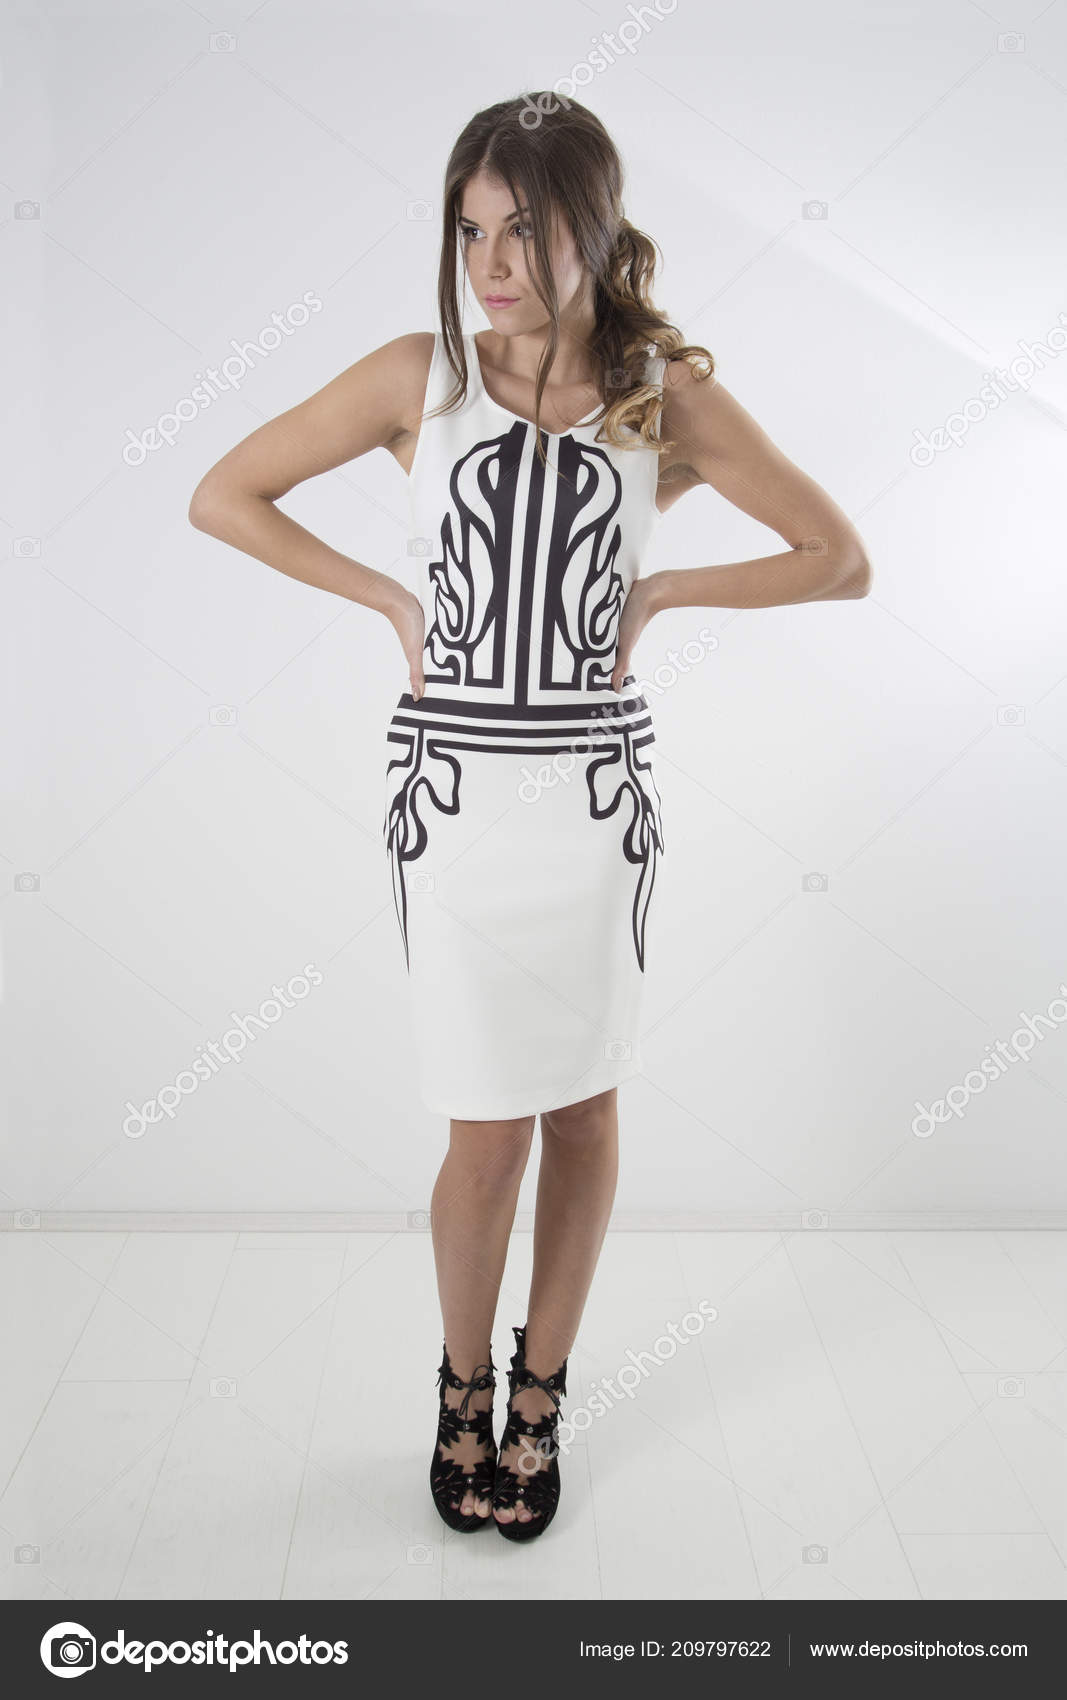 Vestido blanco y negro zapatos